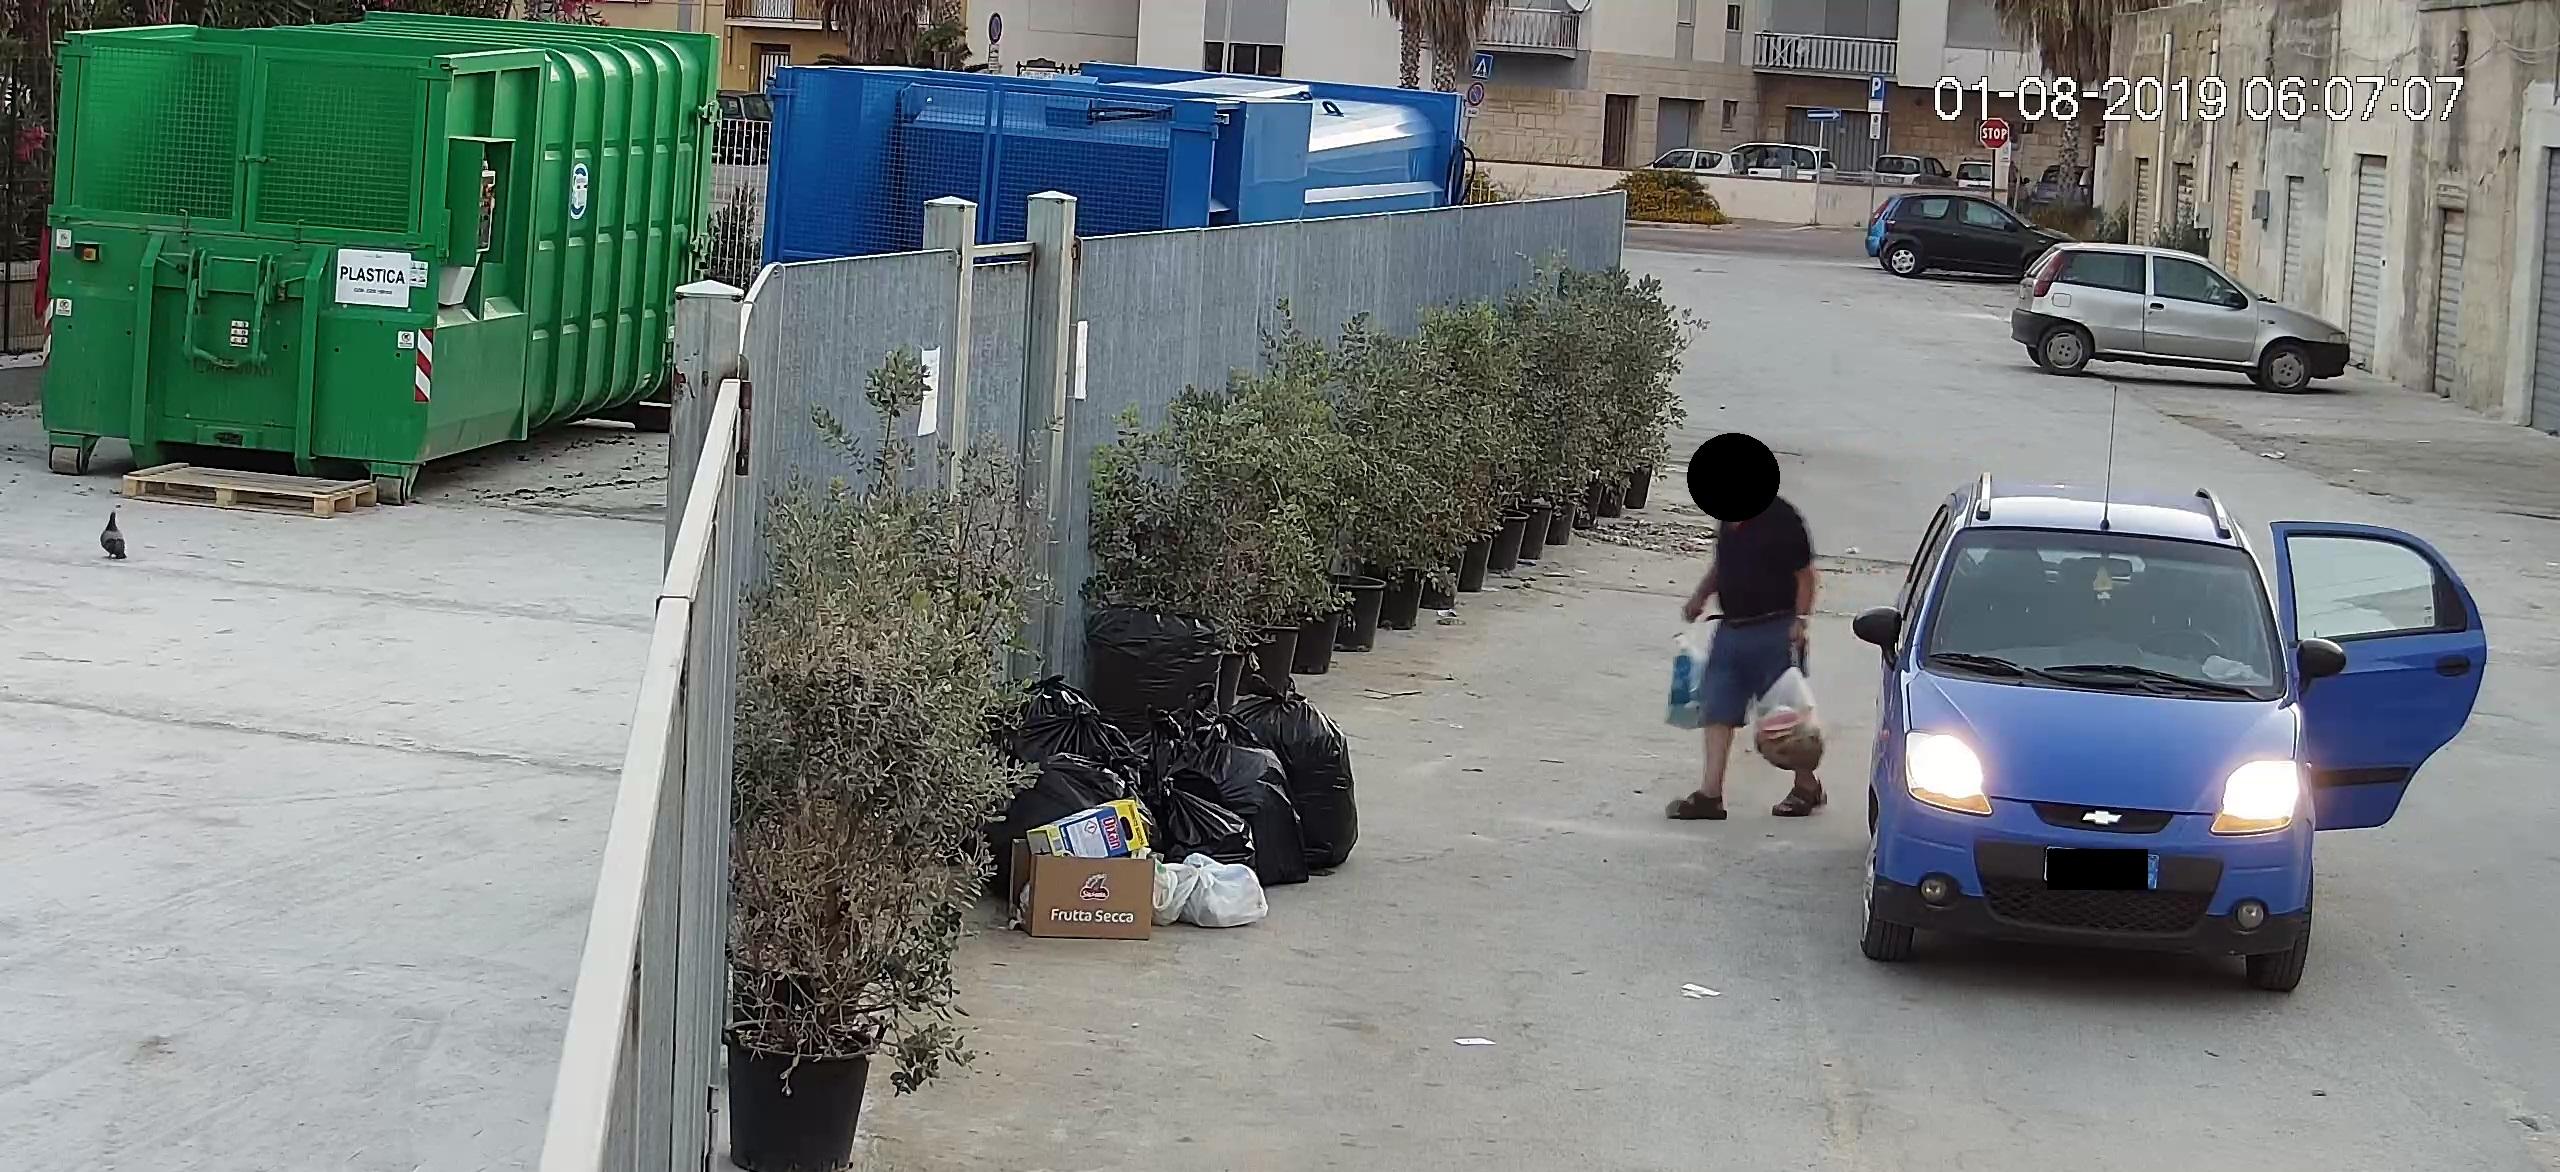 Marsala, controlli per tenere pulita città (4)